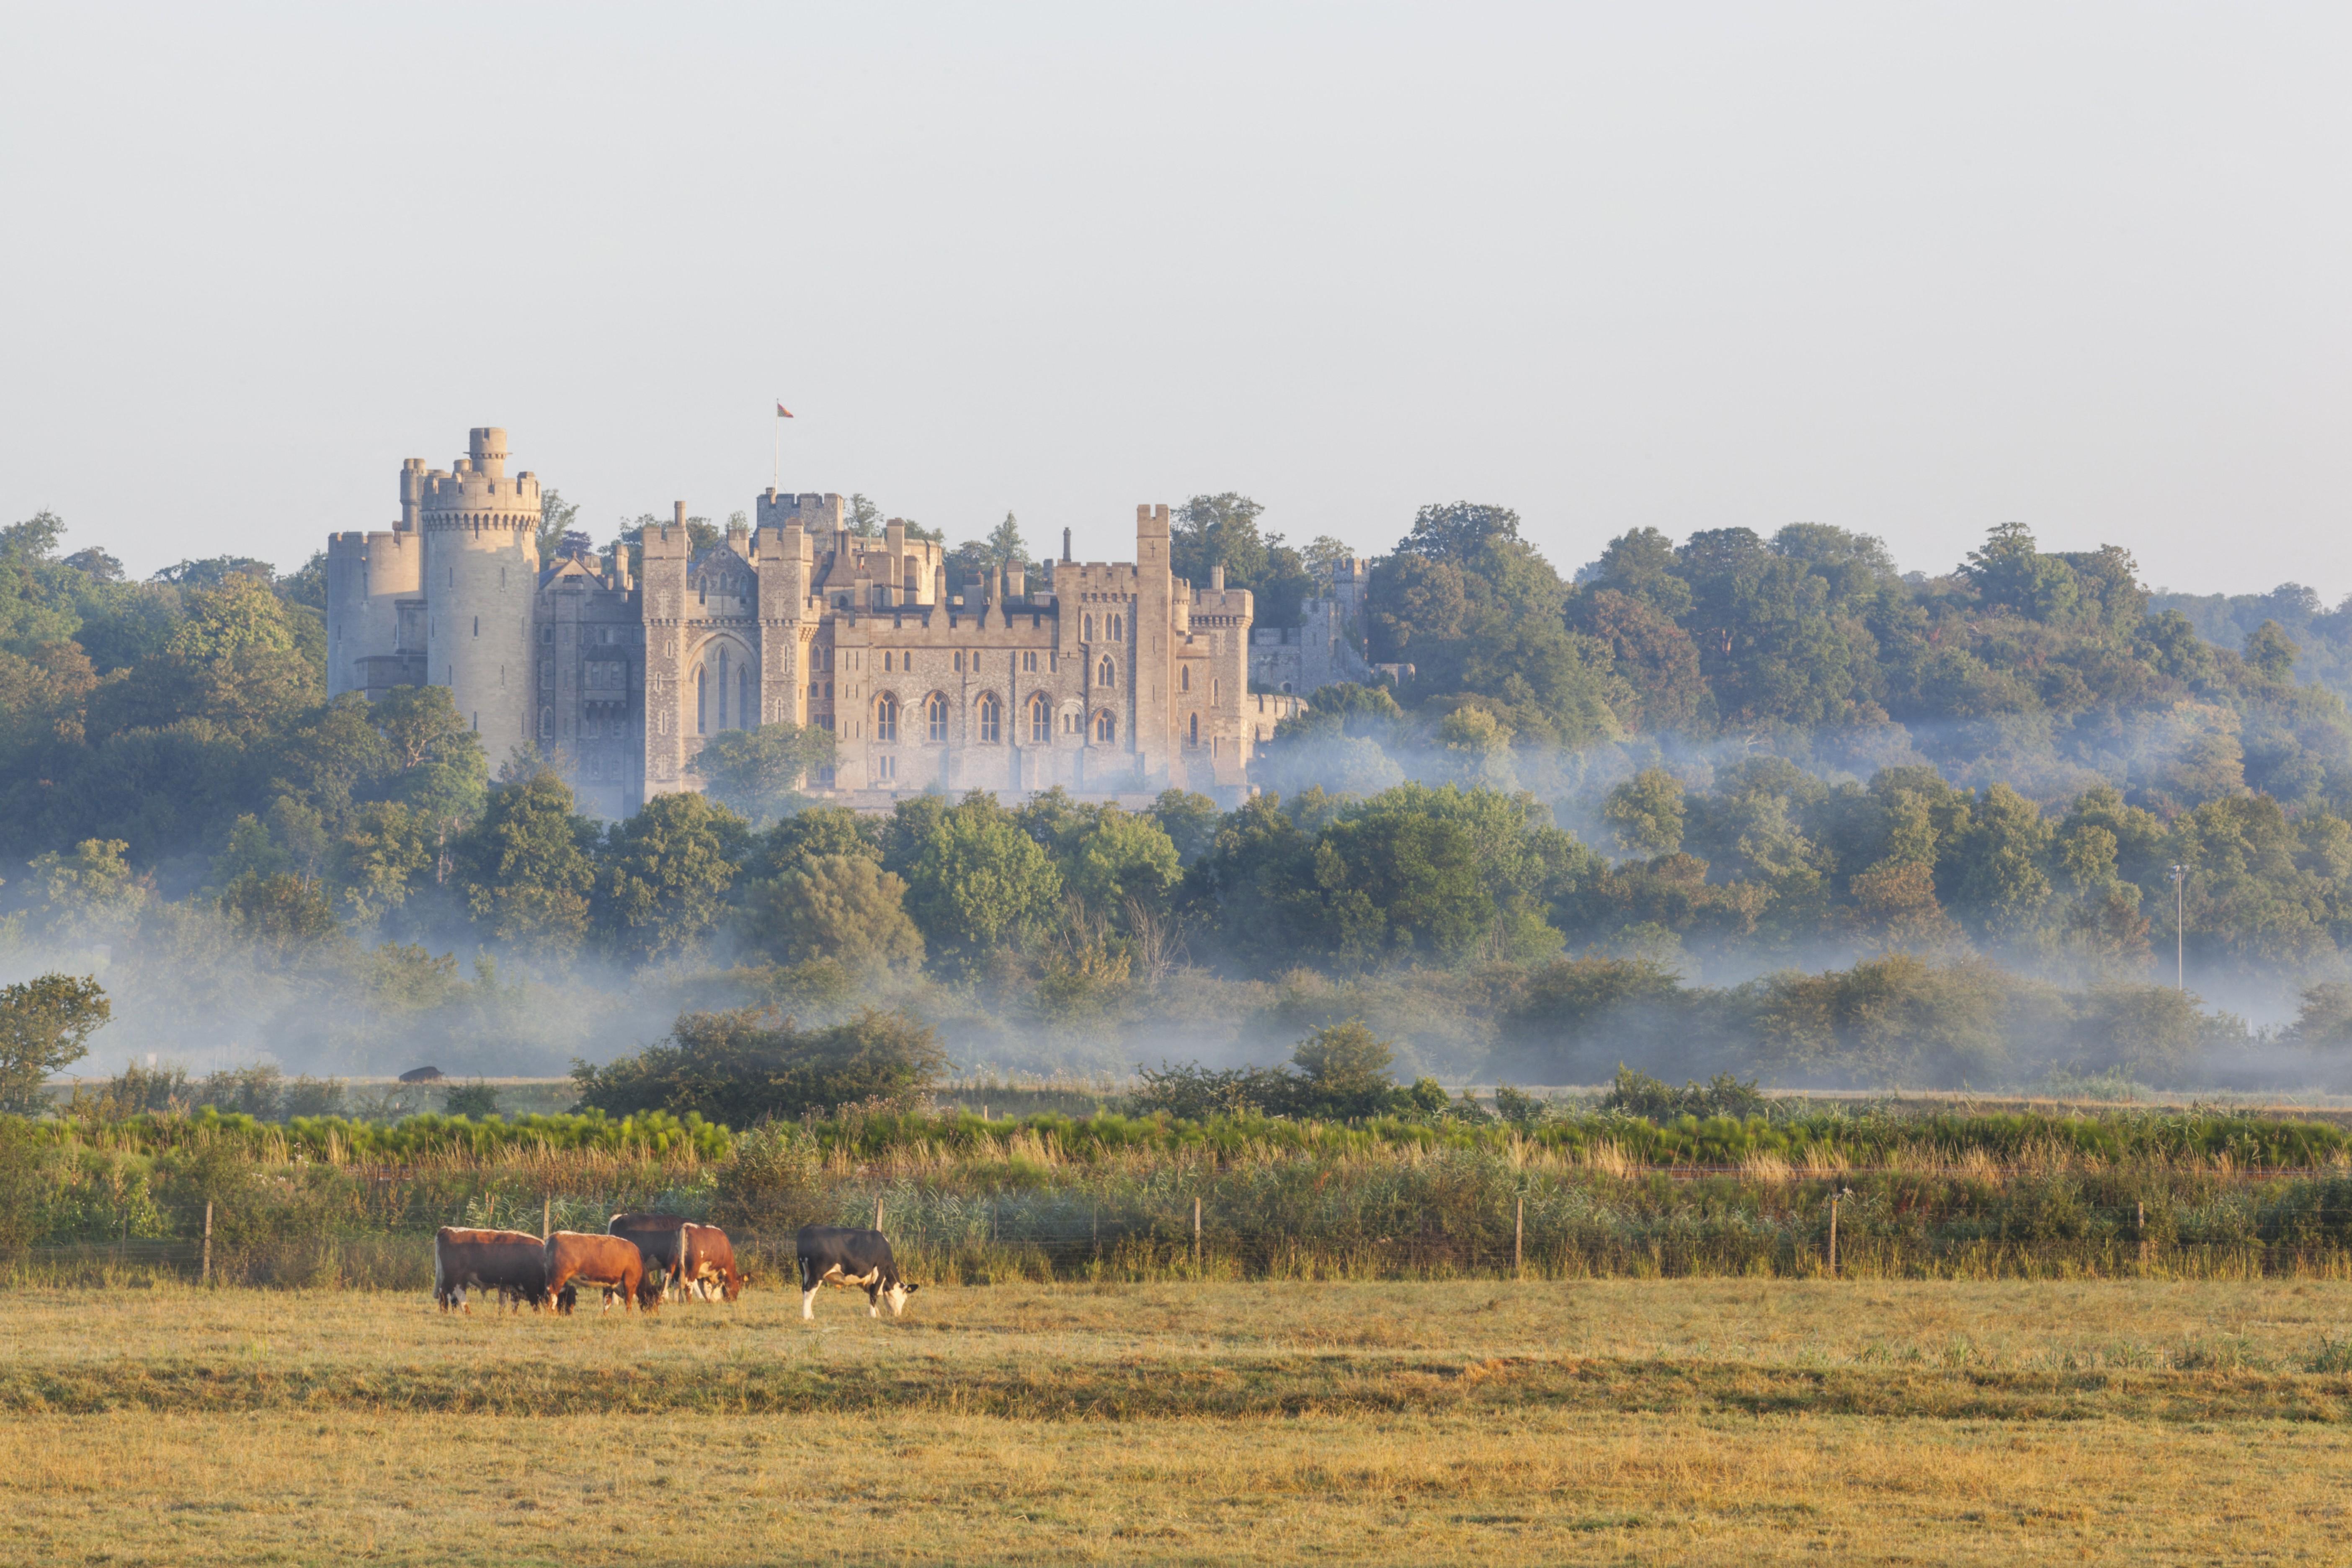 Egymillió font értékben raboltak el kincseket egy brit nemesi várból